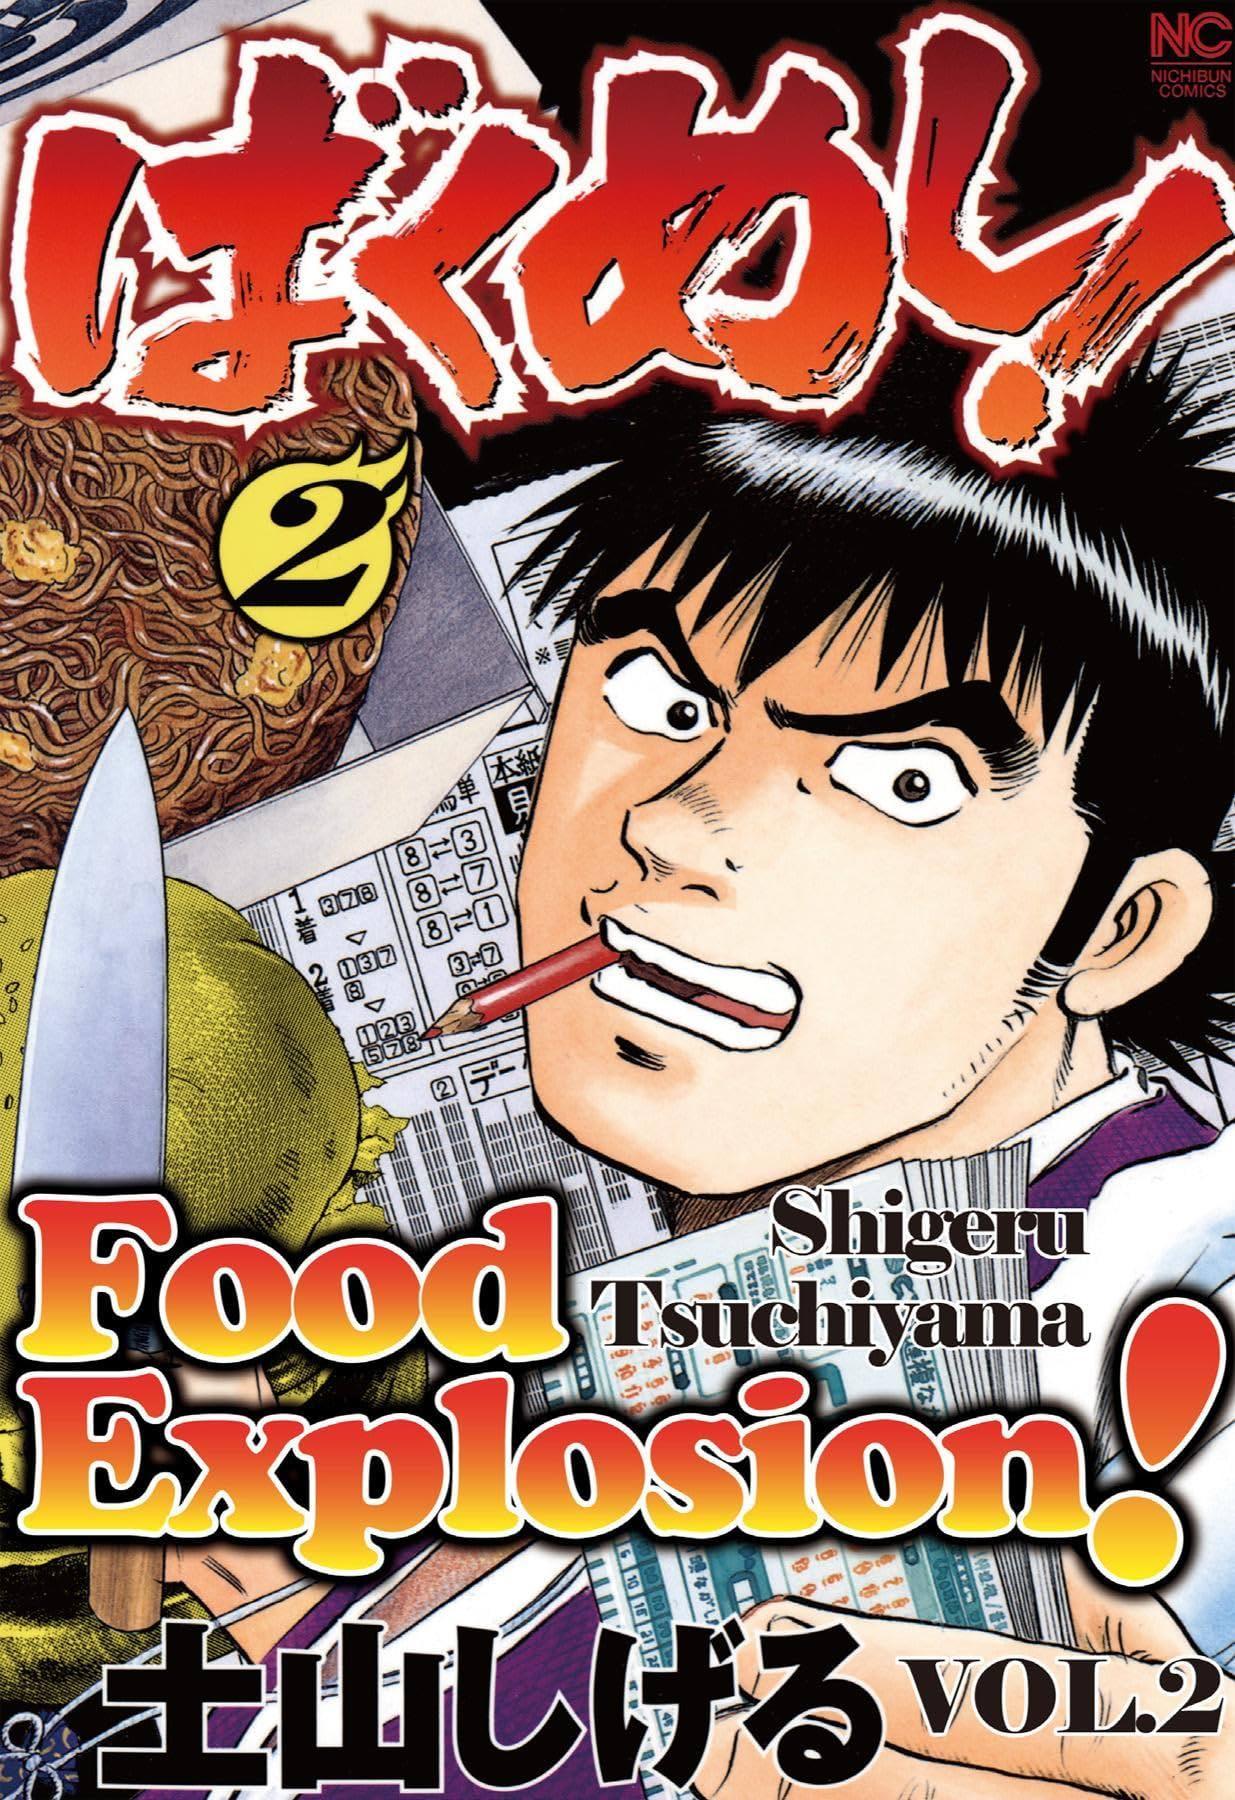 FOOD EXPLOSION Vol. 2